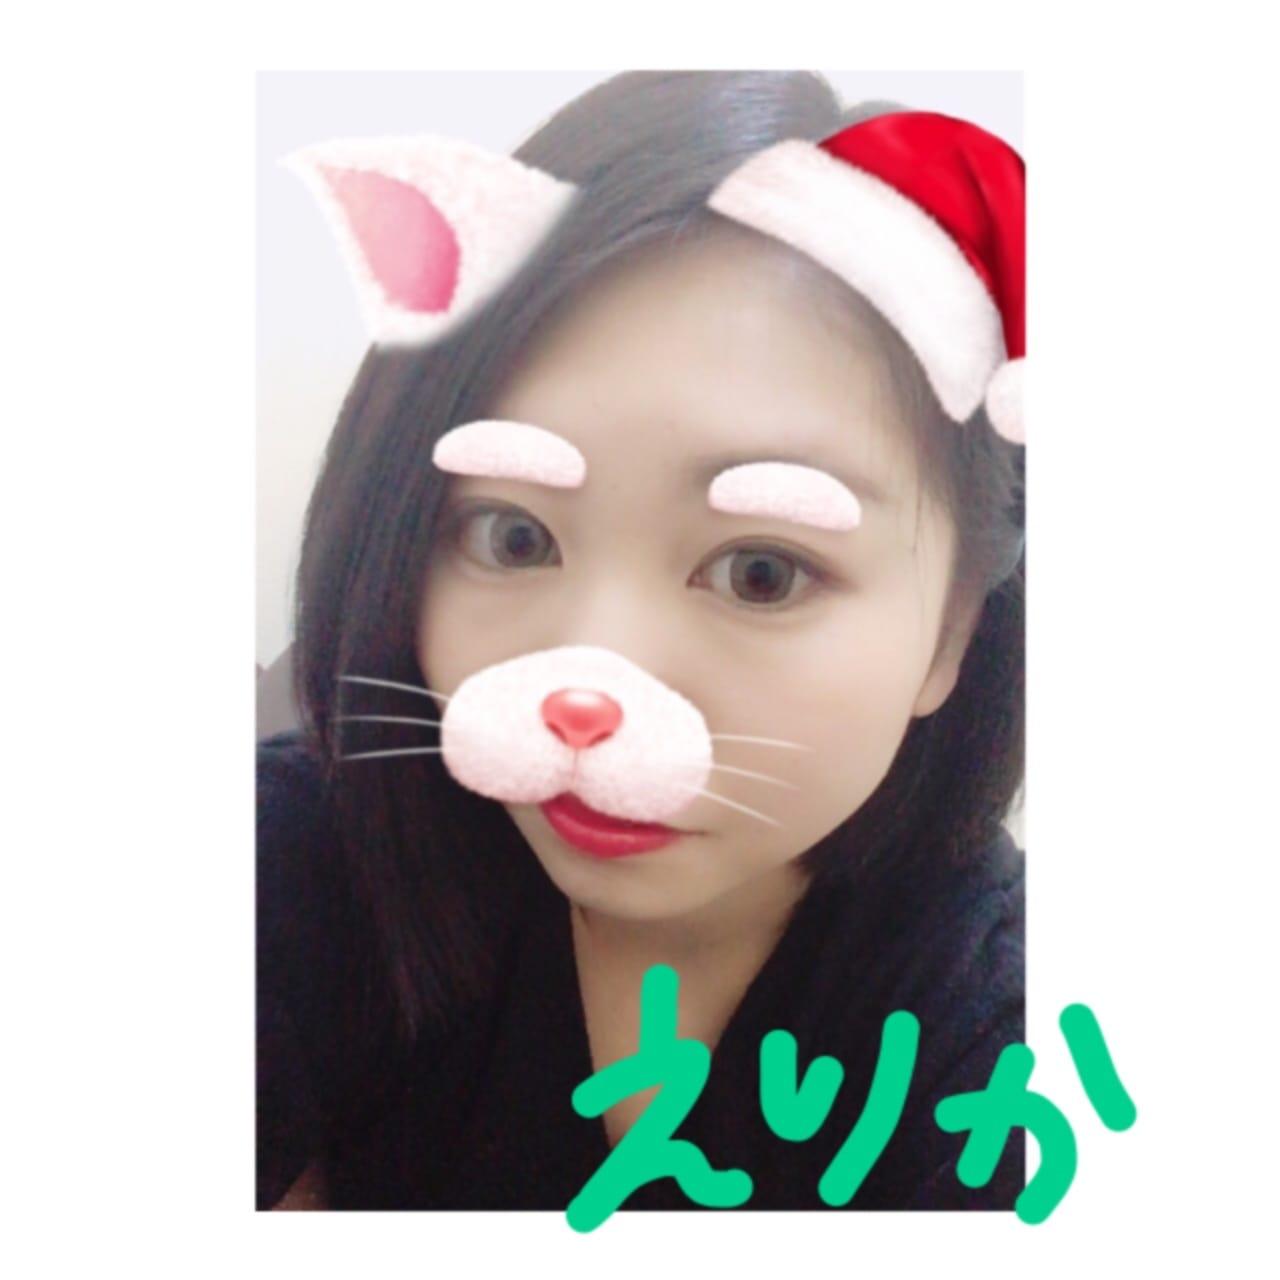 ドラマ◆えりか「こんにちは!」12/16(土) 14:30 | ドラマ◆えりかの写メ・風俗動画